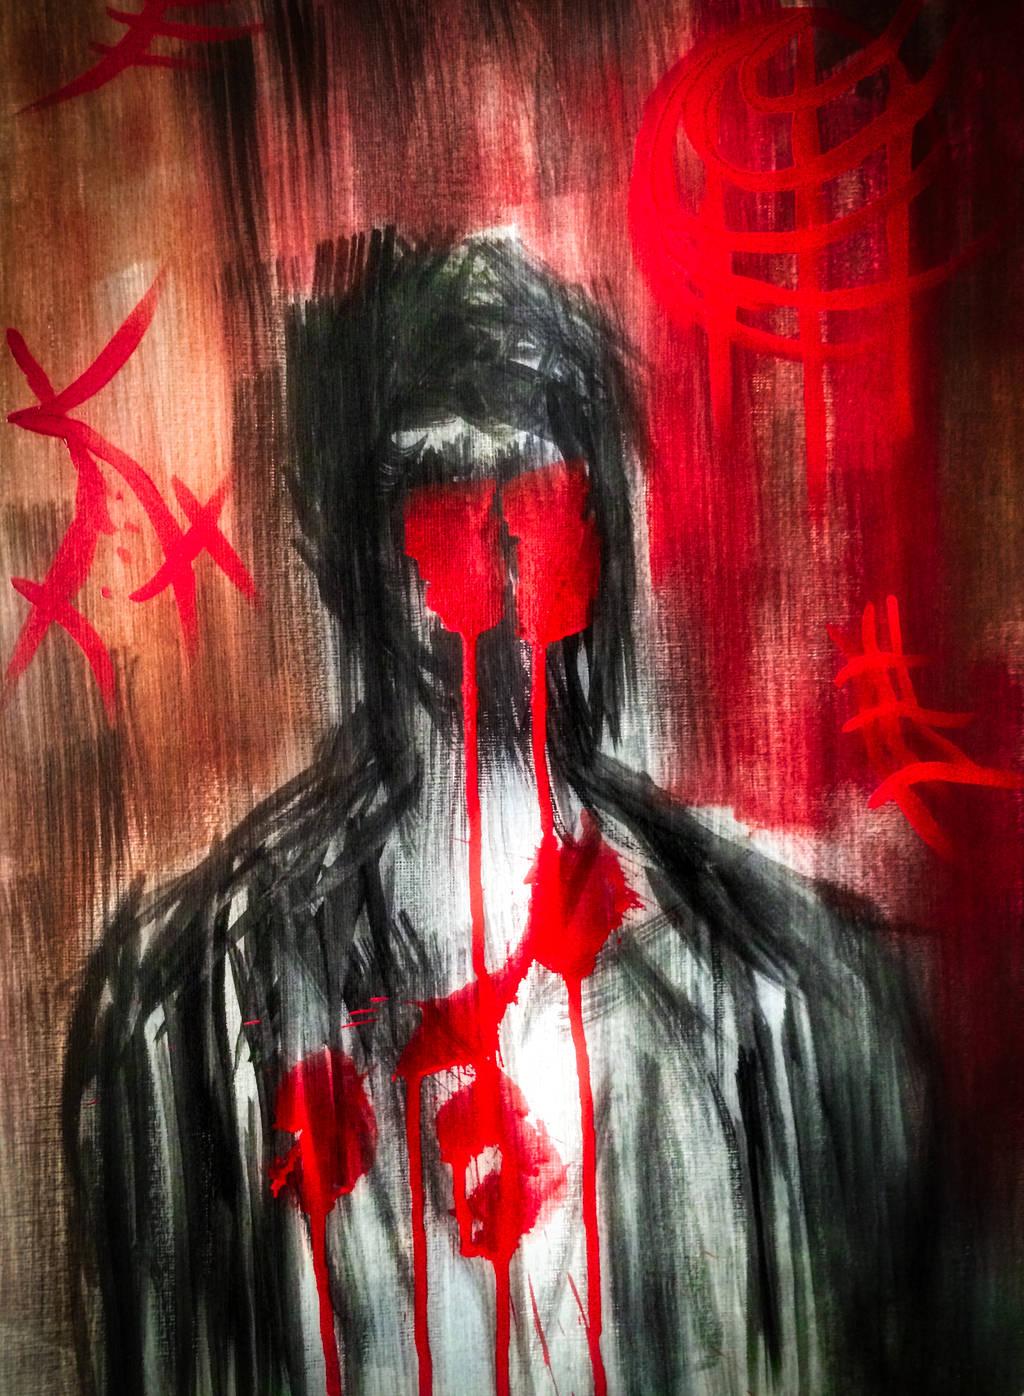 SPLASH OF RED by WeirdDarkness